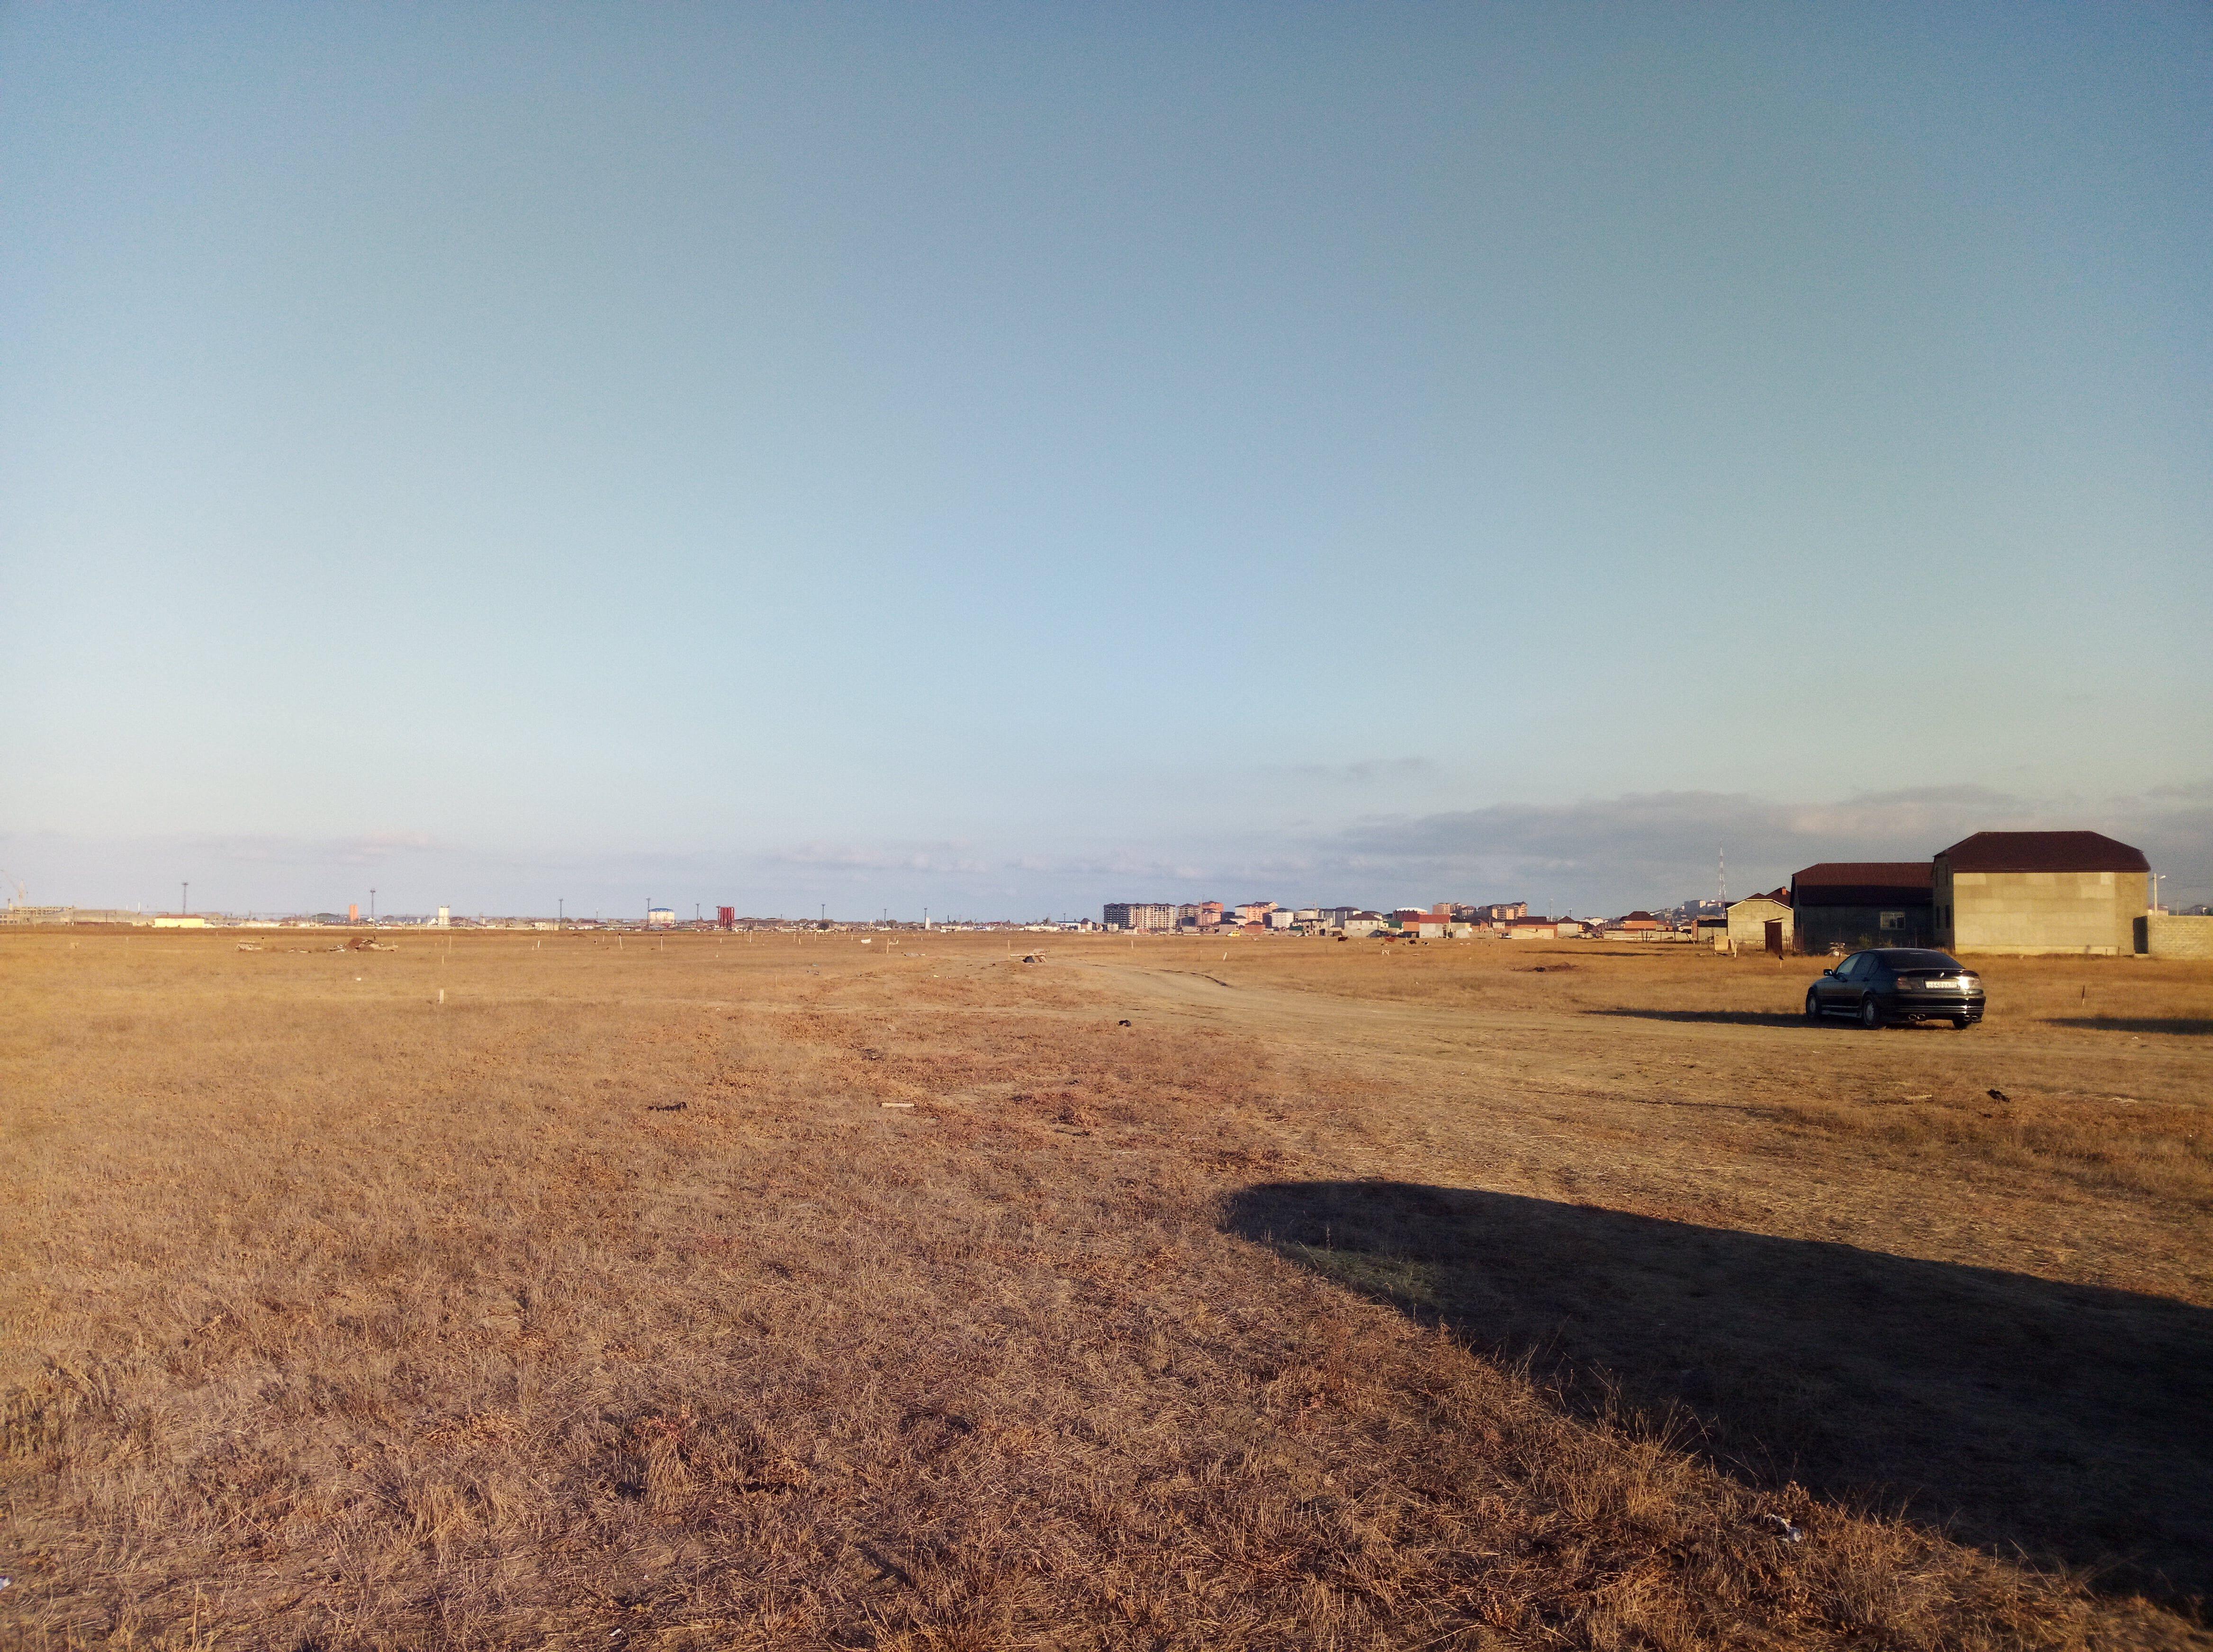 Поле в микрорайоне ДОСААФ, которое жители Альбурикента считают своими историческими землями. 25 октября 2019 года. Фото Расула Магомедова для «Кавказского узла»